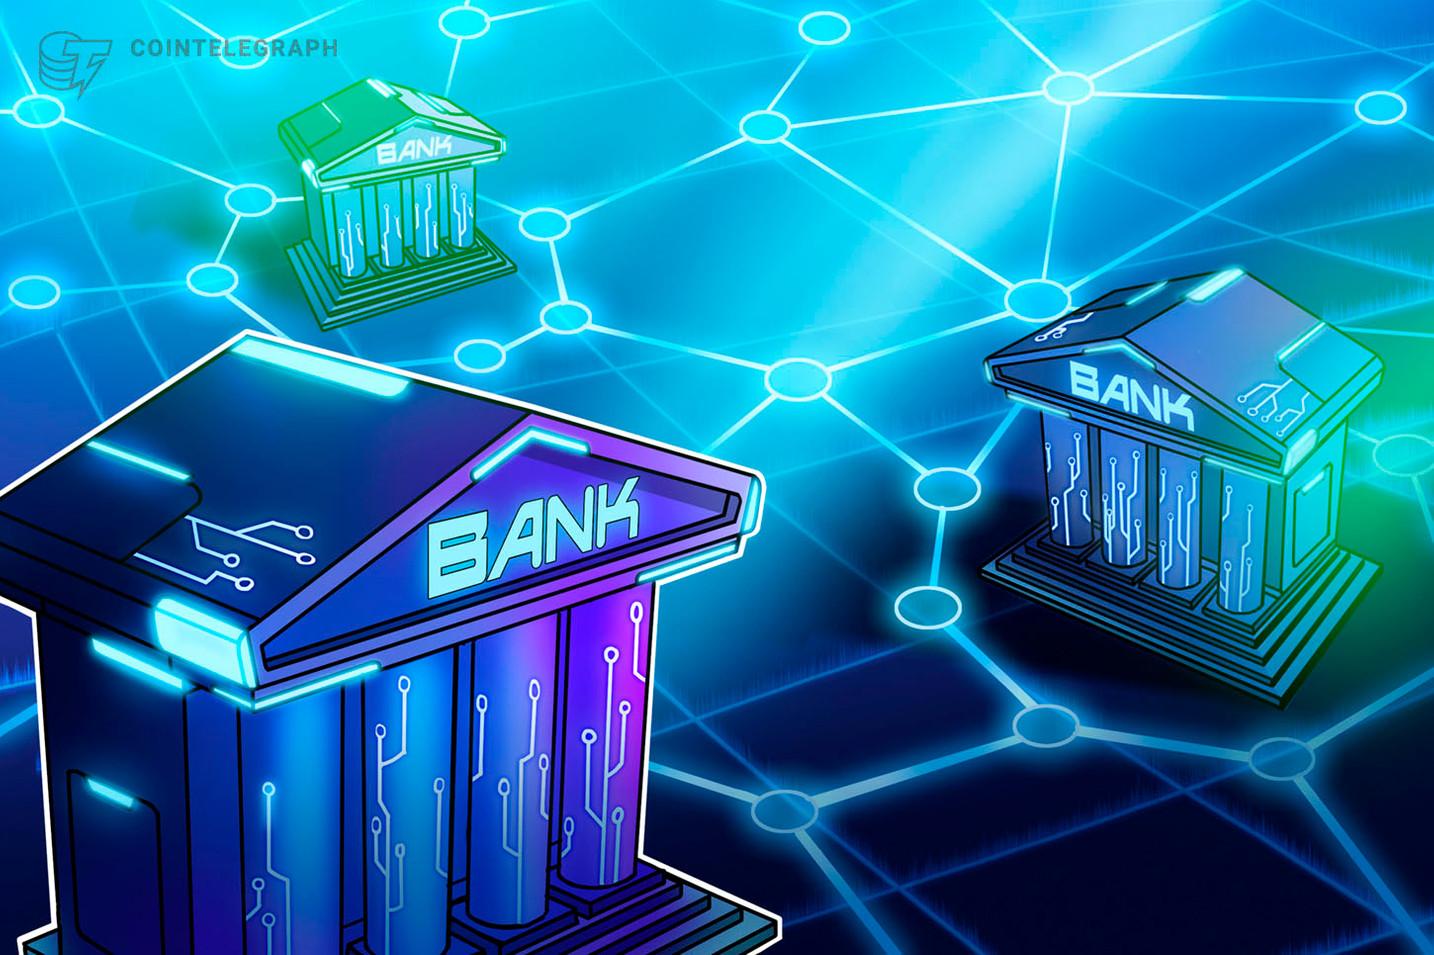 ING Bank firma un contrato de licencia de 5 años con R3 para acceder a su plataforma blockchain Corda